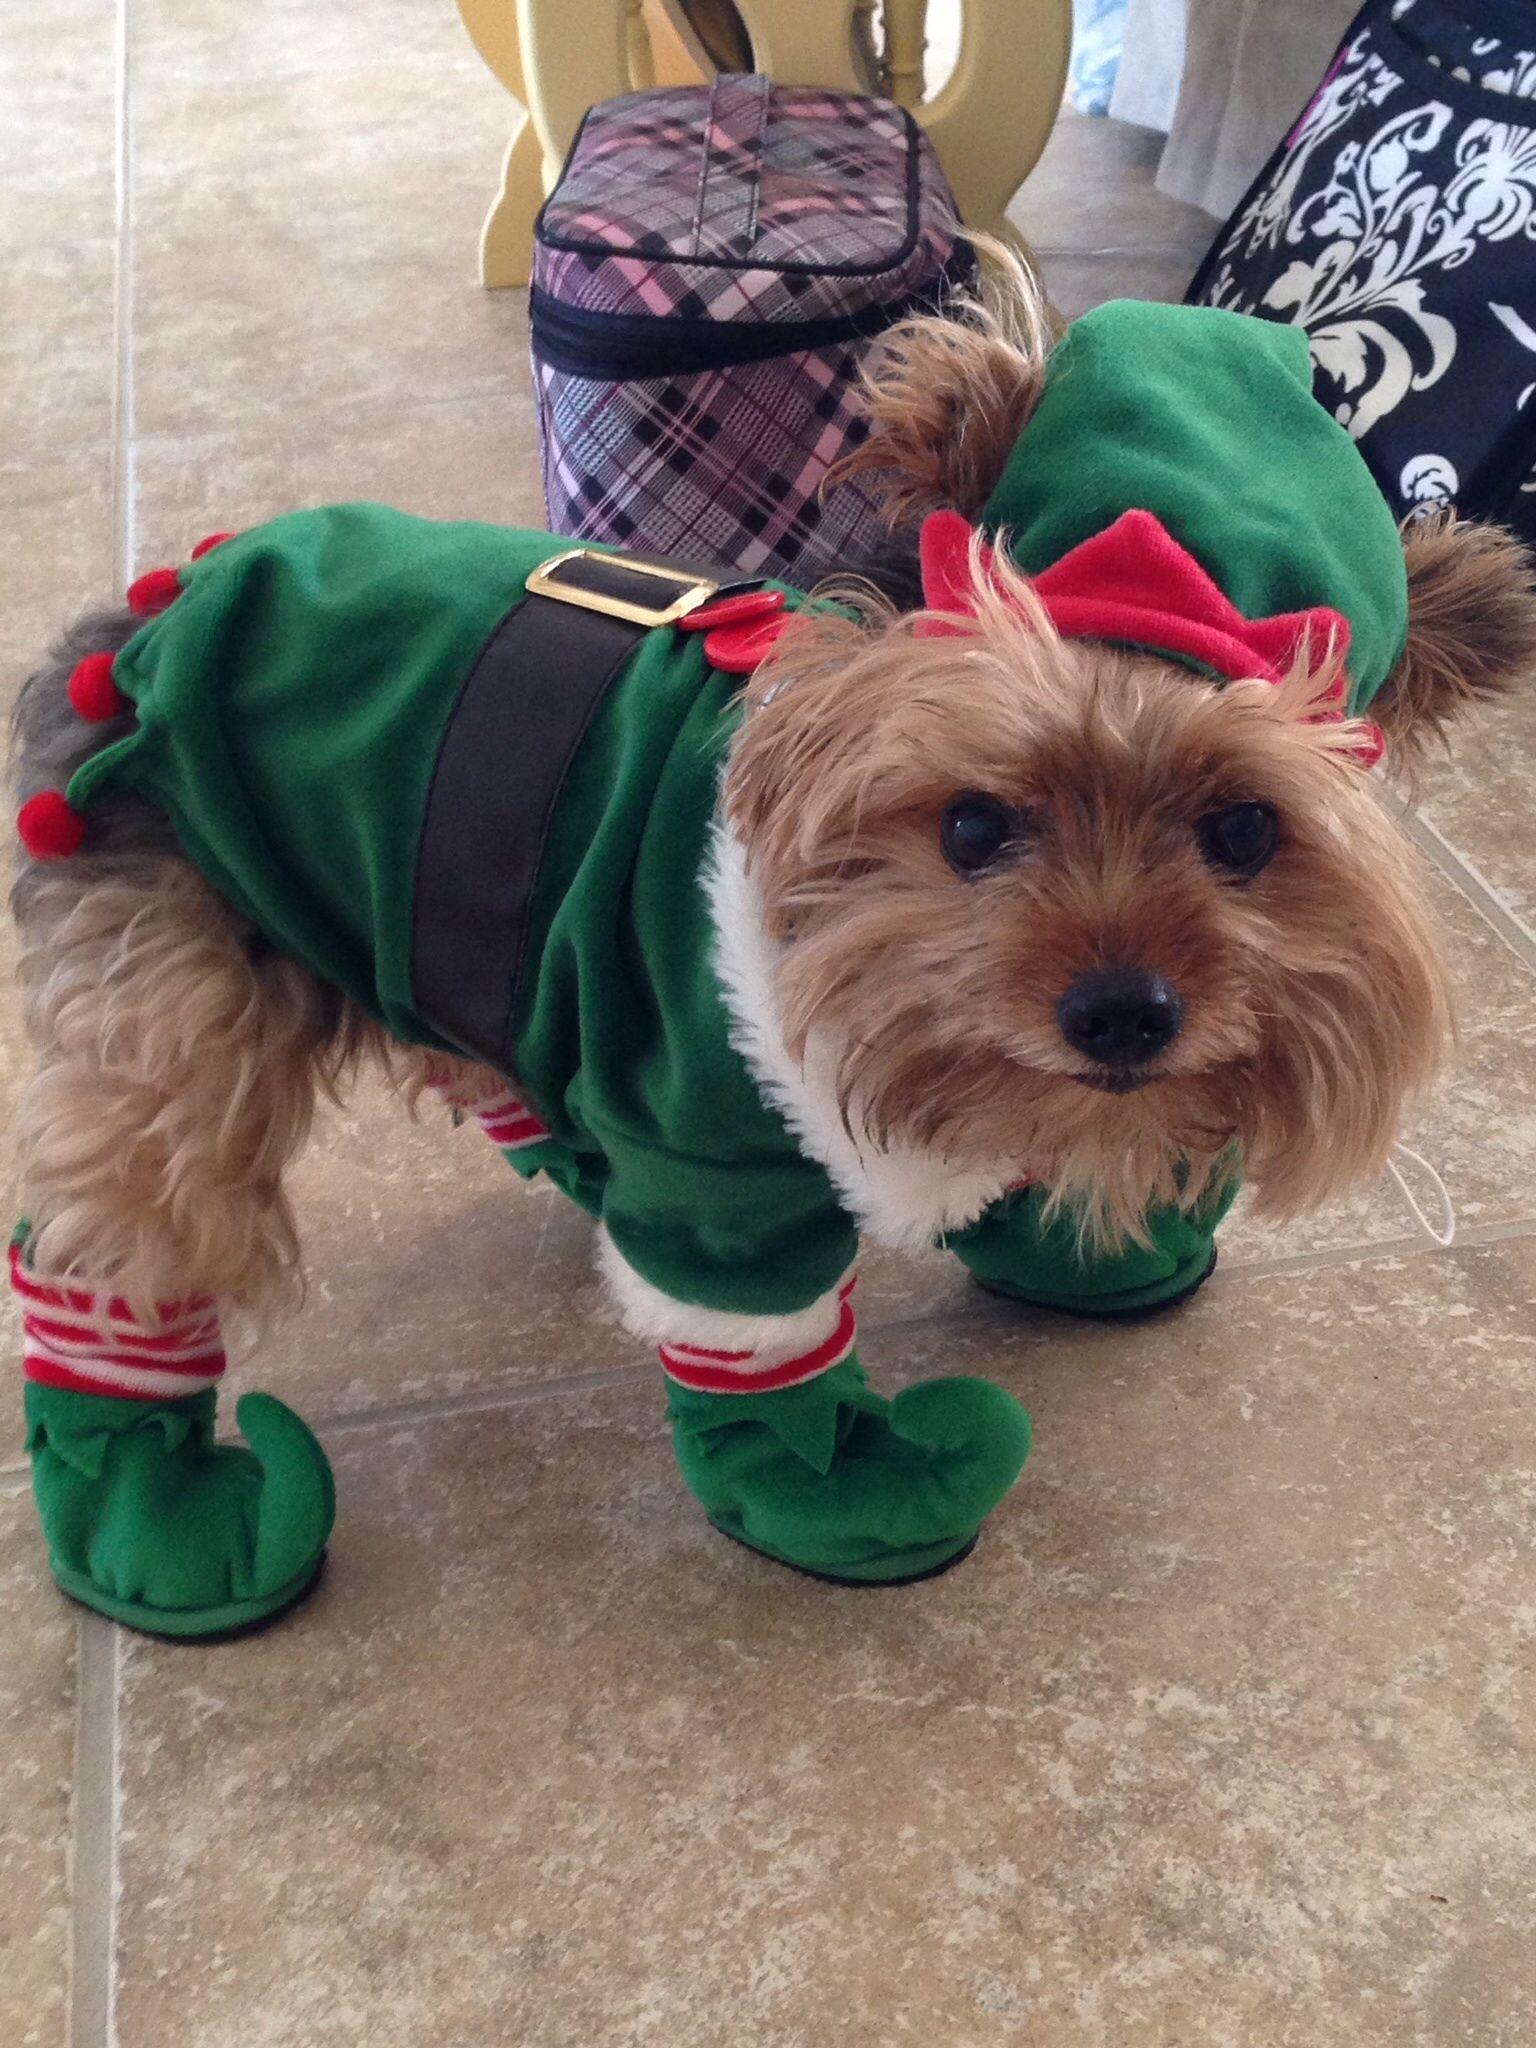 Dog Holiday Clothes Dog Christmas Christmas Dog Tee Christmas Dog Clothes Dog Christmas Dress Dog Dress Custom Dog Dress